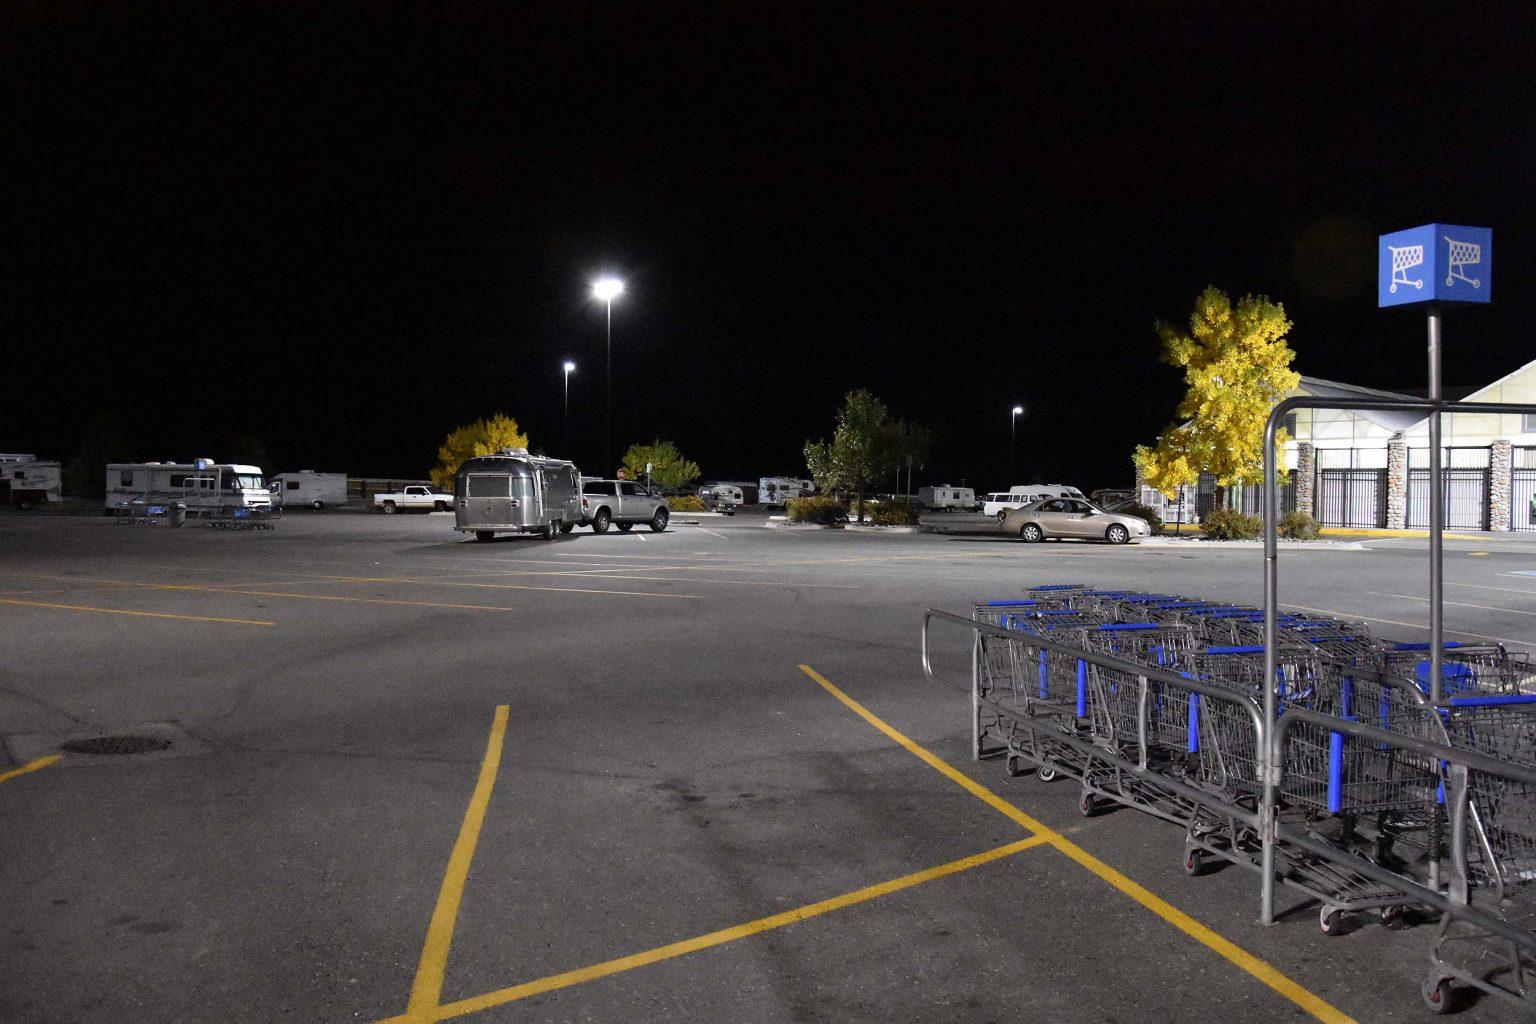 Übernachten neben den Einkaufswagen